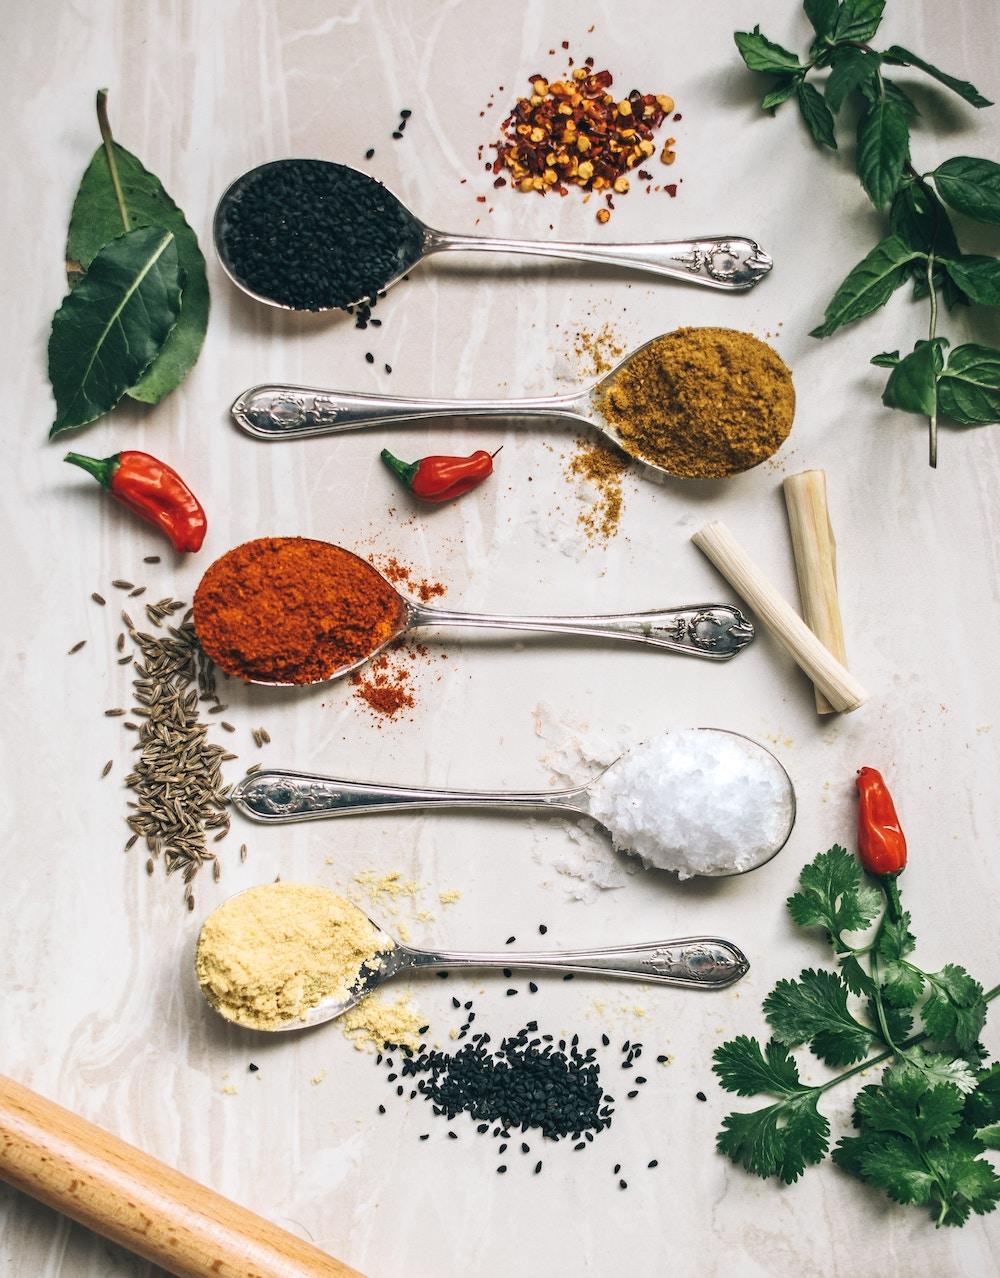 ELLE Việt Nam - Cung hoàng đạo vào bếp 5